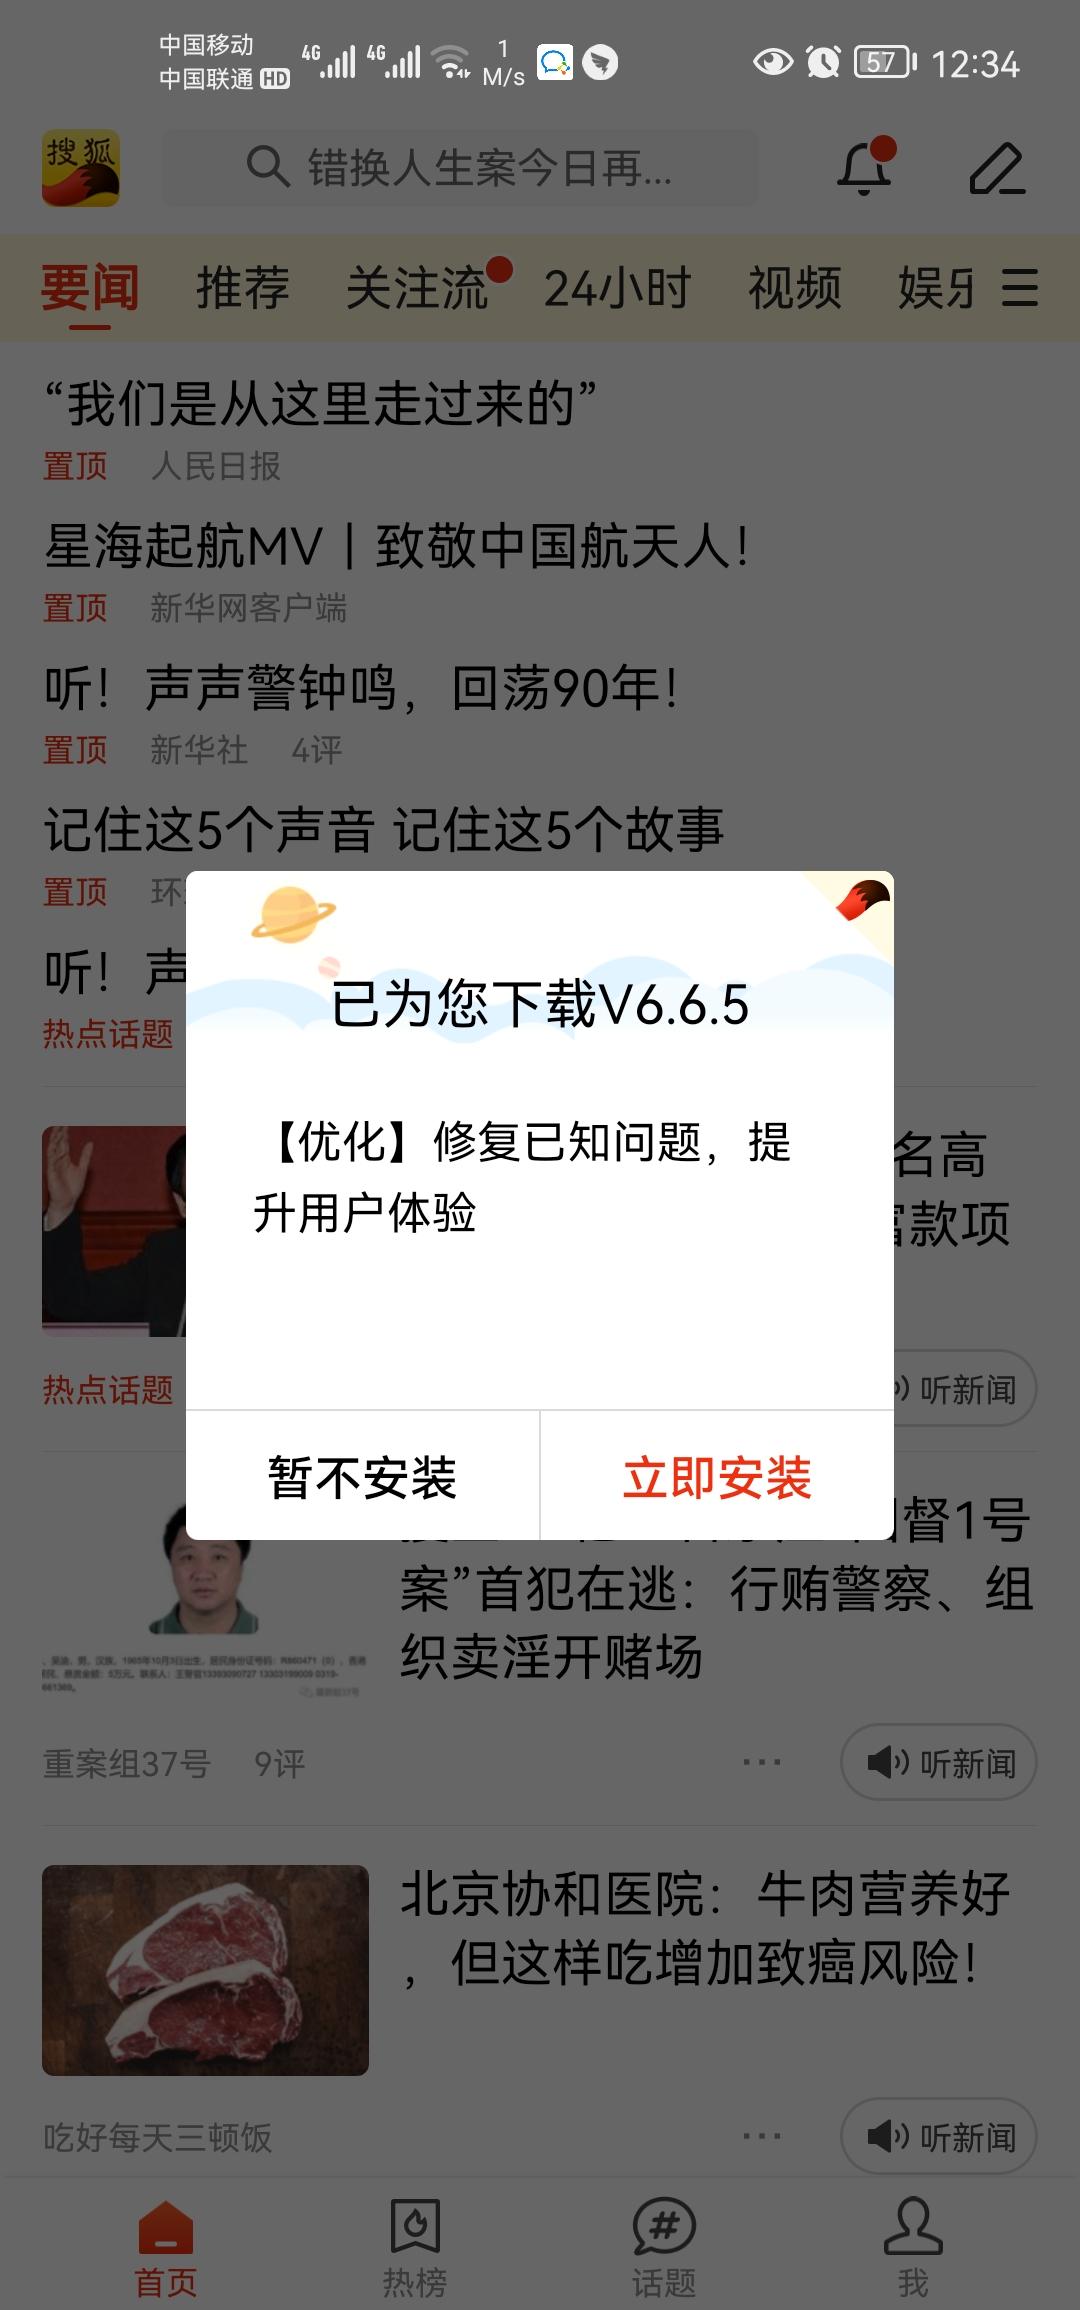 Screenshot_20210918_123419_com.sohu.newsclient.jpg